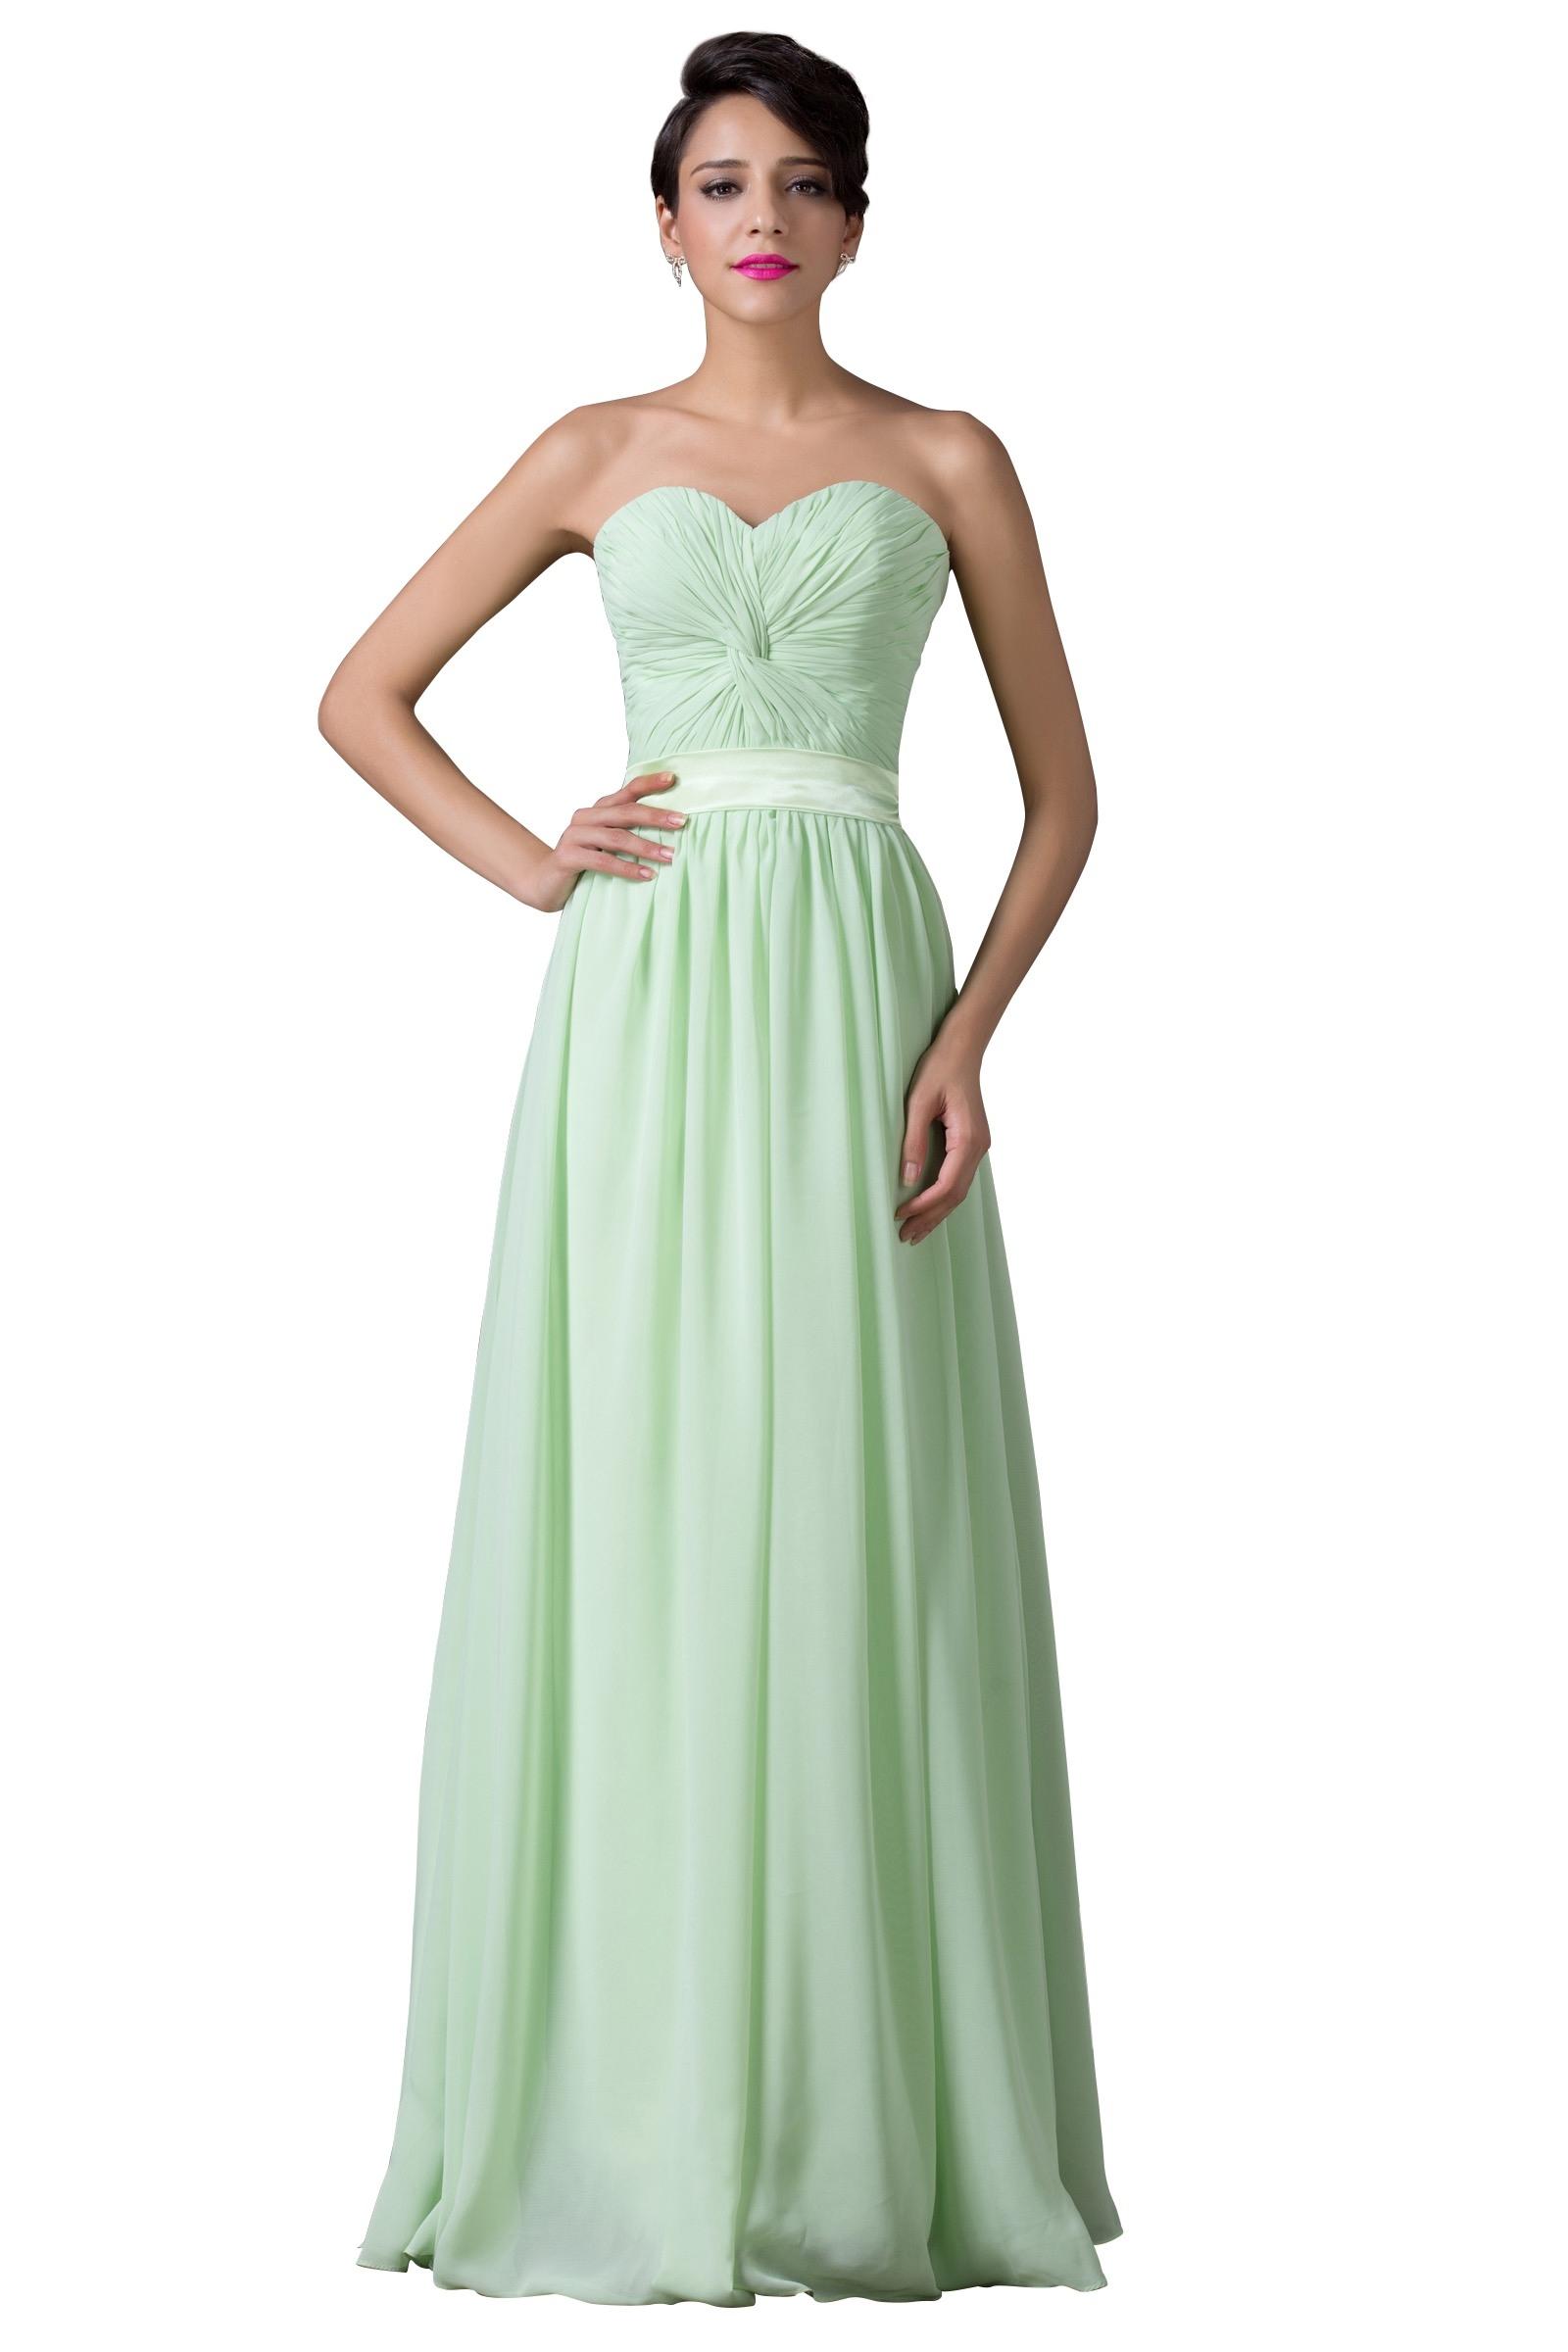 Abend Einzigartig Langes Abendkleid Kaufen Spezialgebiet20 Genial Langes Abendkleid Kaufen Design